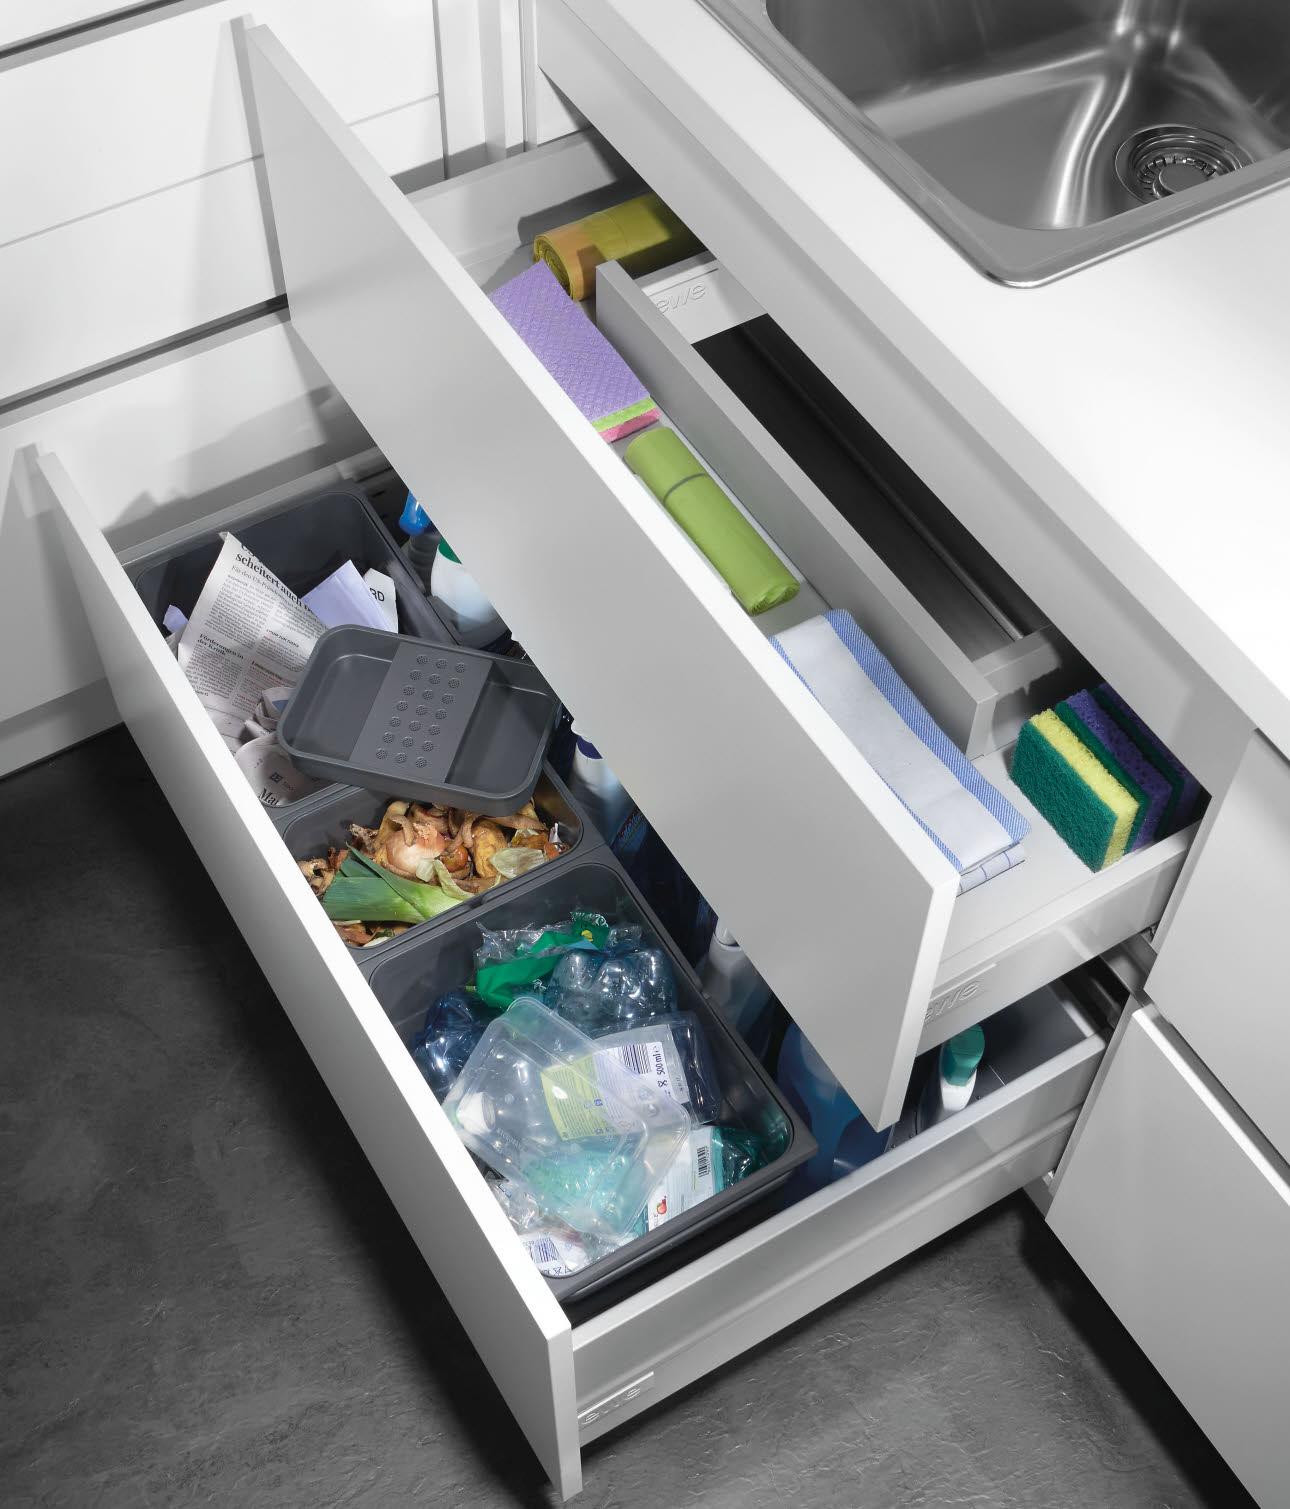 Full Size of Abfallsystem Zubehr Und Ausstattungsdetails Ewe Müllsystem Küche Wohnzimmer Müllsystem